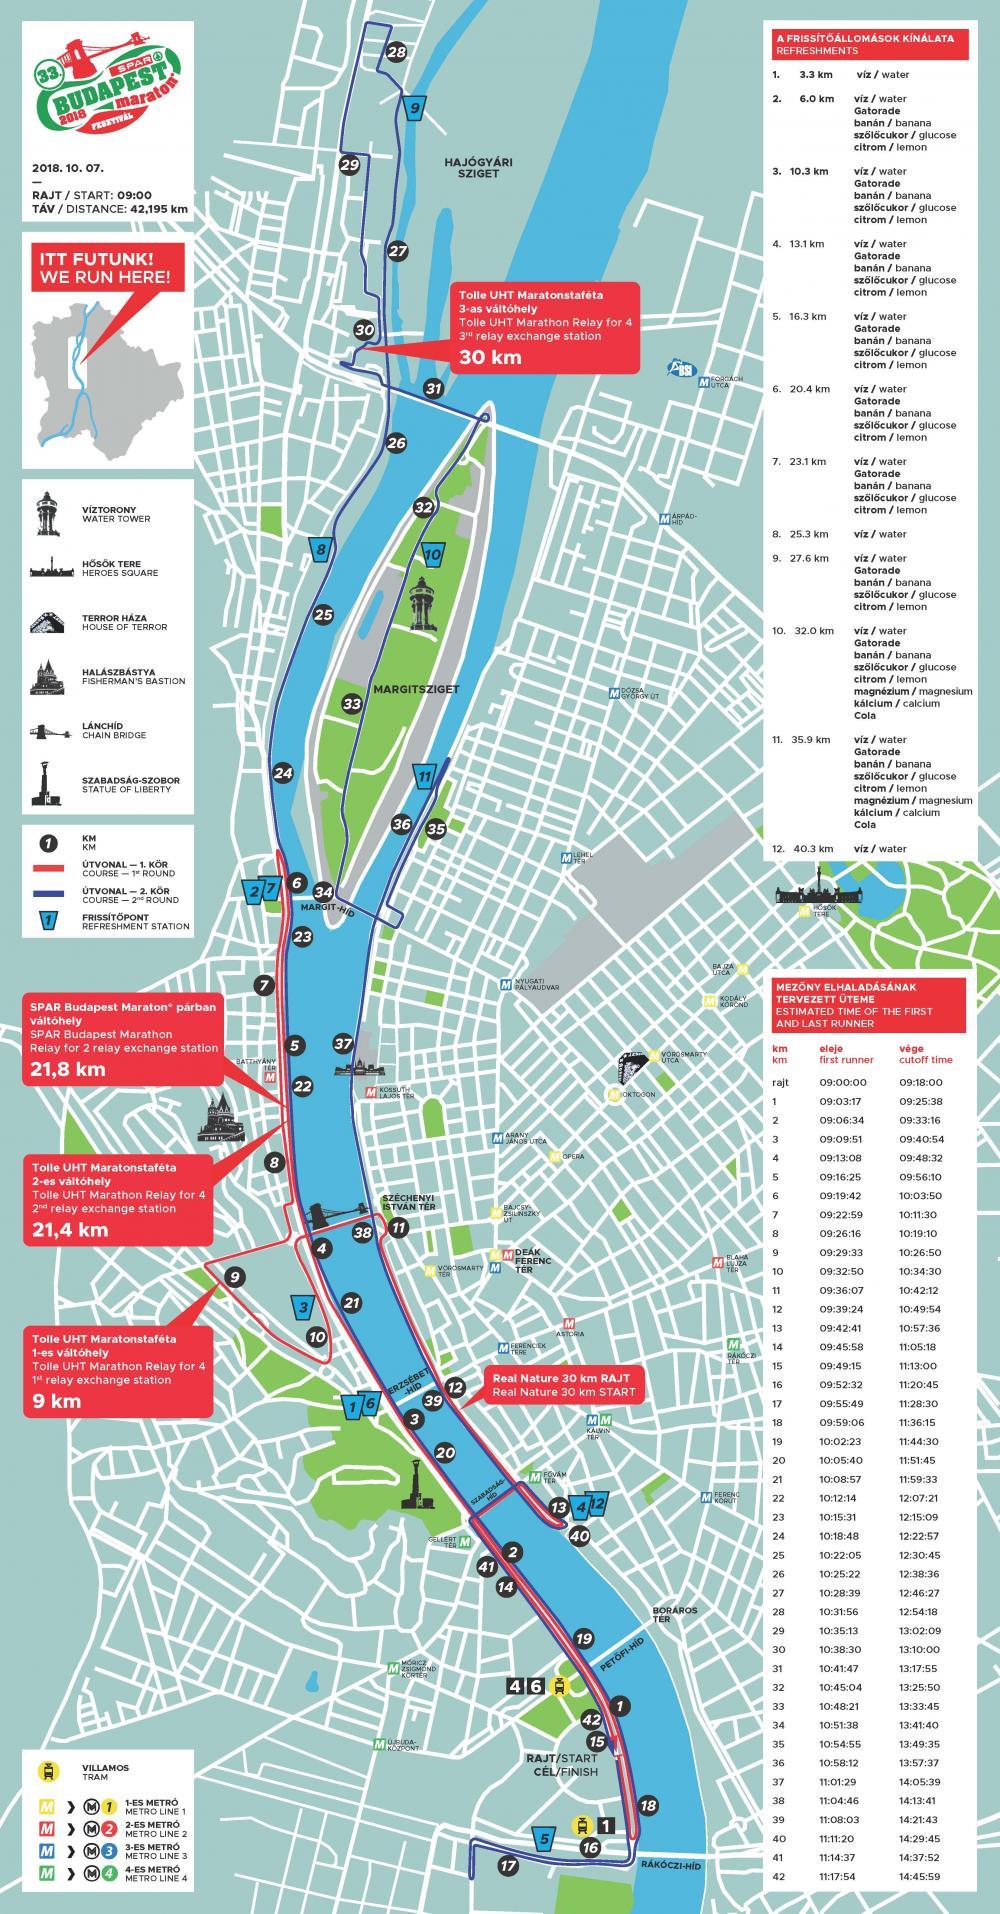 Budapest Domborzati Terkep Marlpoint